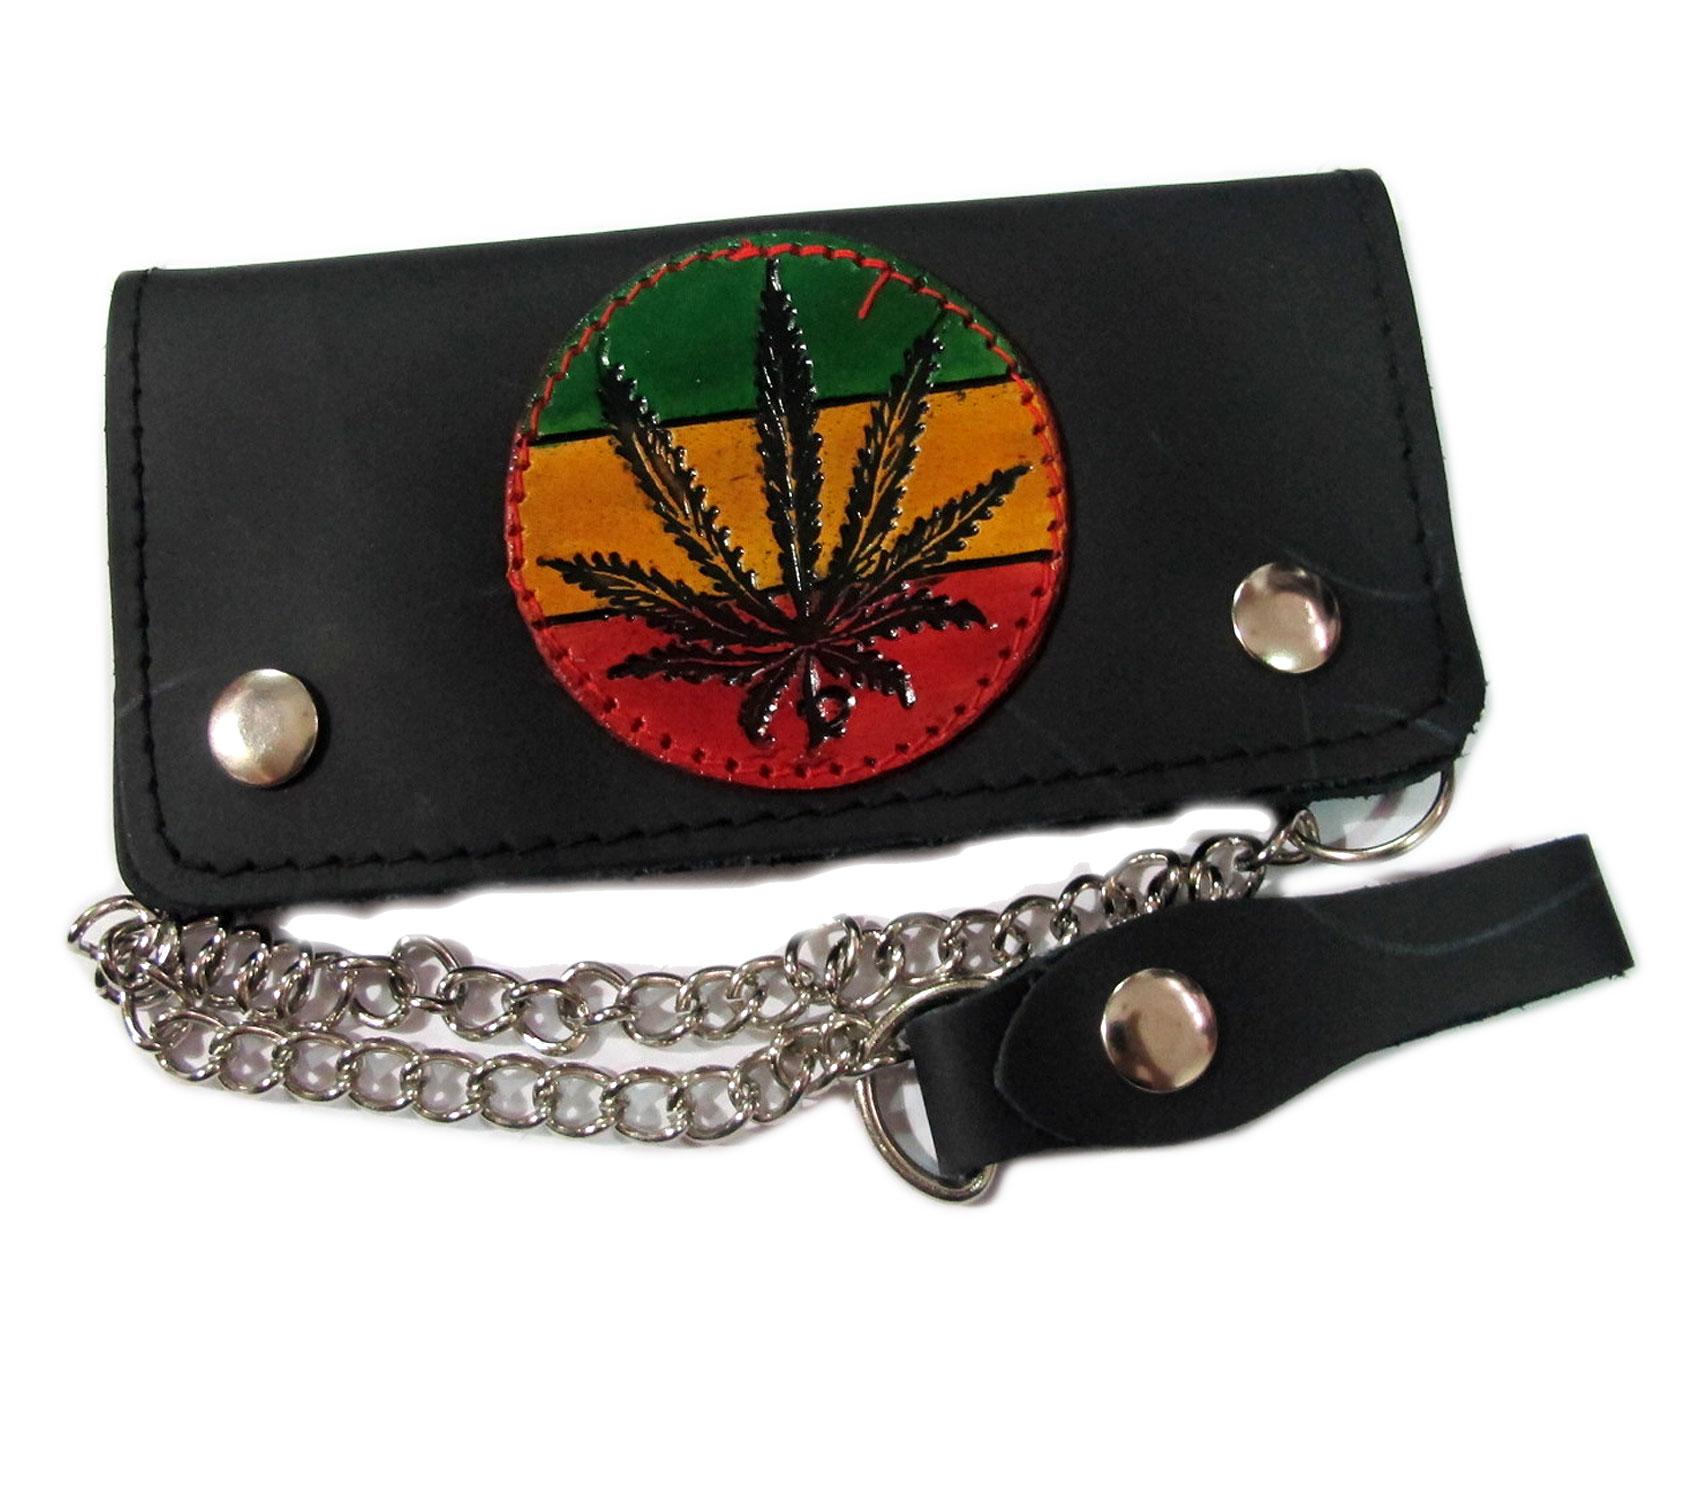 กระเป๋าสตางค์ยาว สีดำ รูปบ๊อบมาเลย์ ใบกัญชา เป็นกระเป๋าสตางค์แบบ 2 พับ พร้อมโซ่